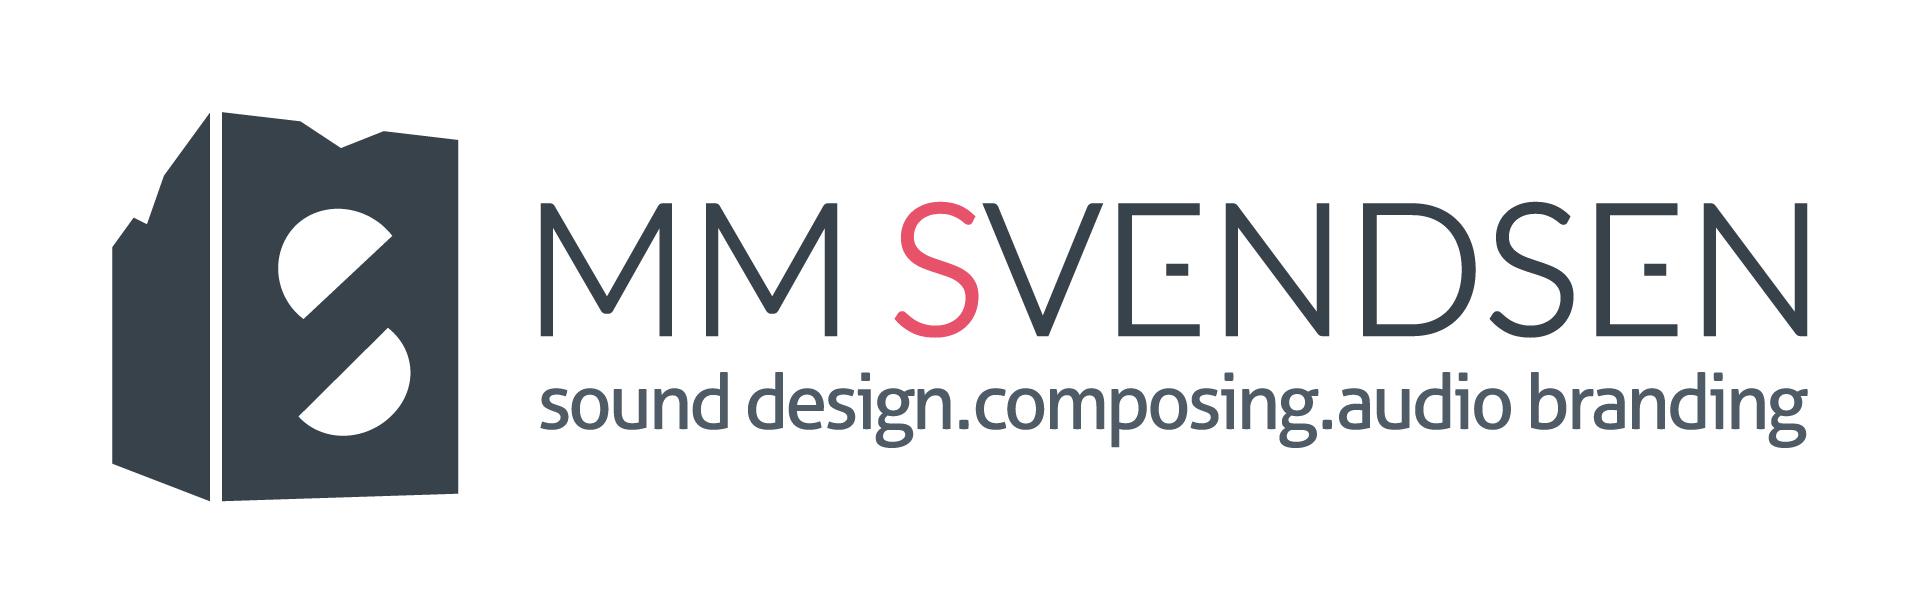 mm svendsen logo